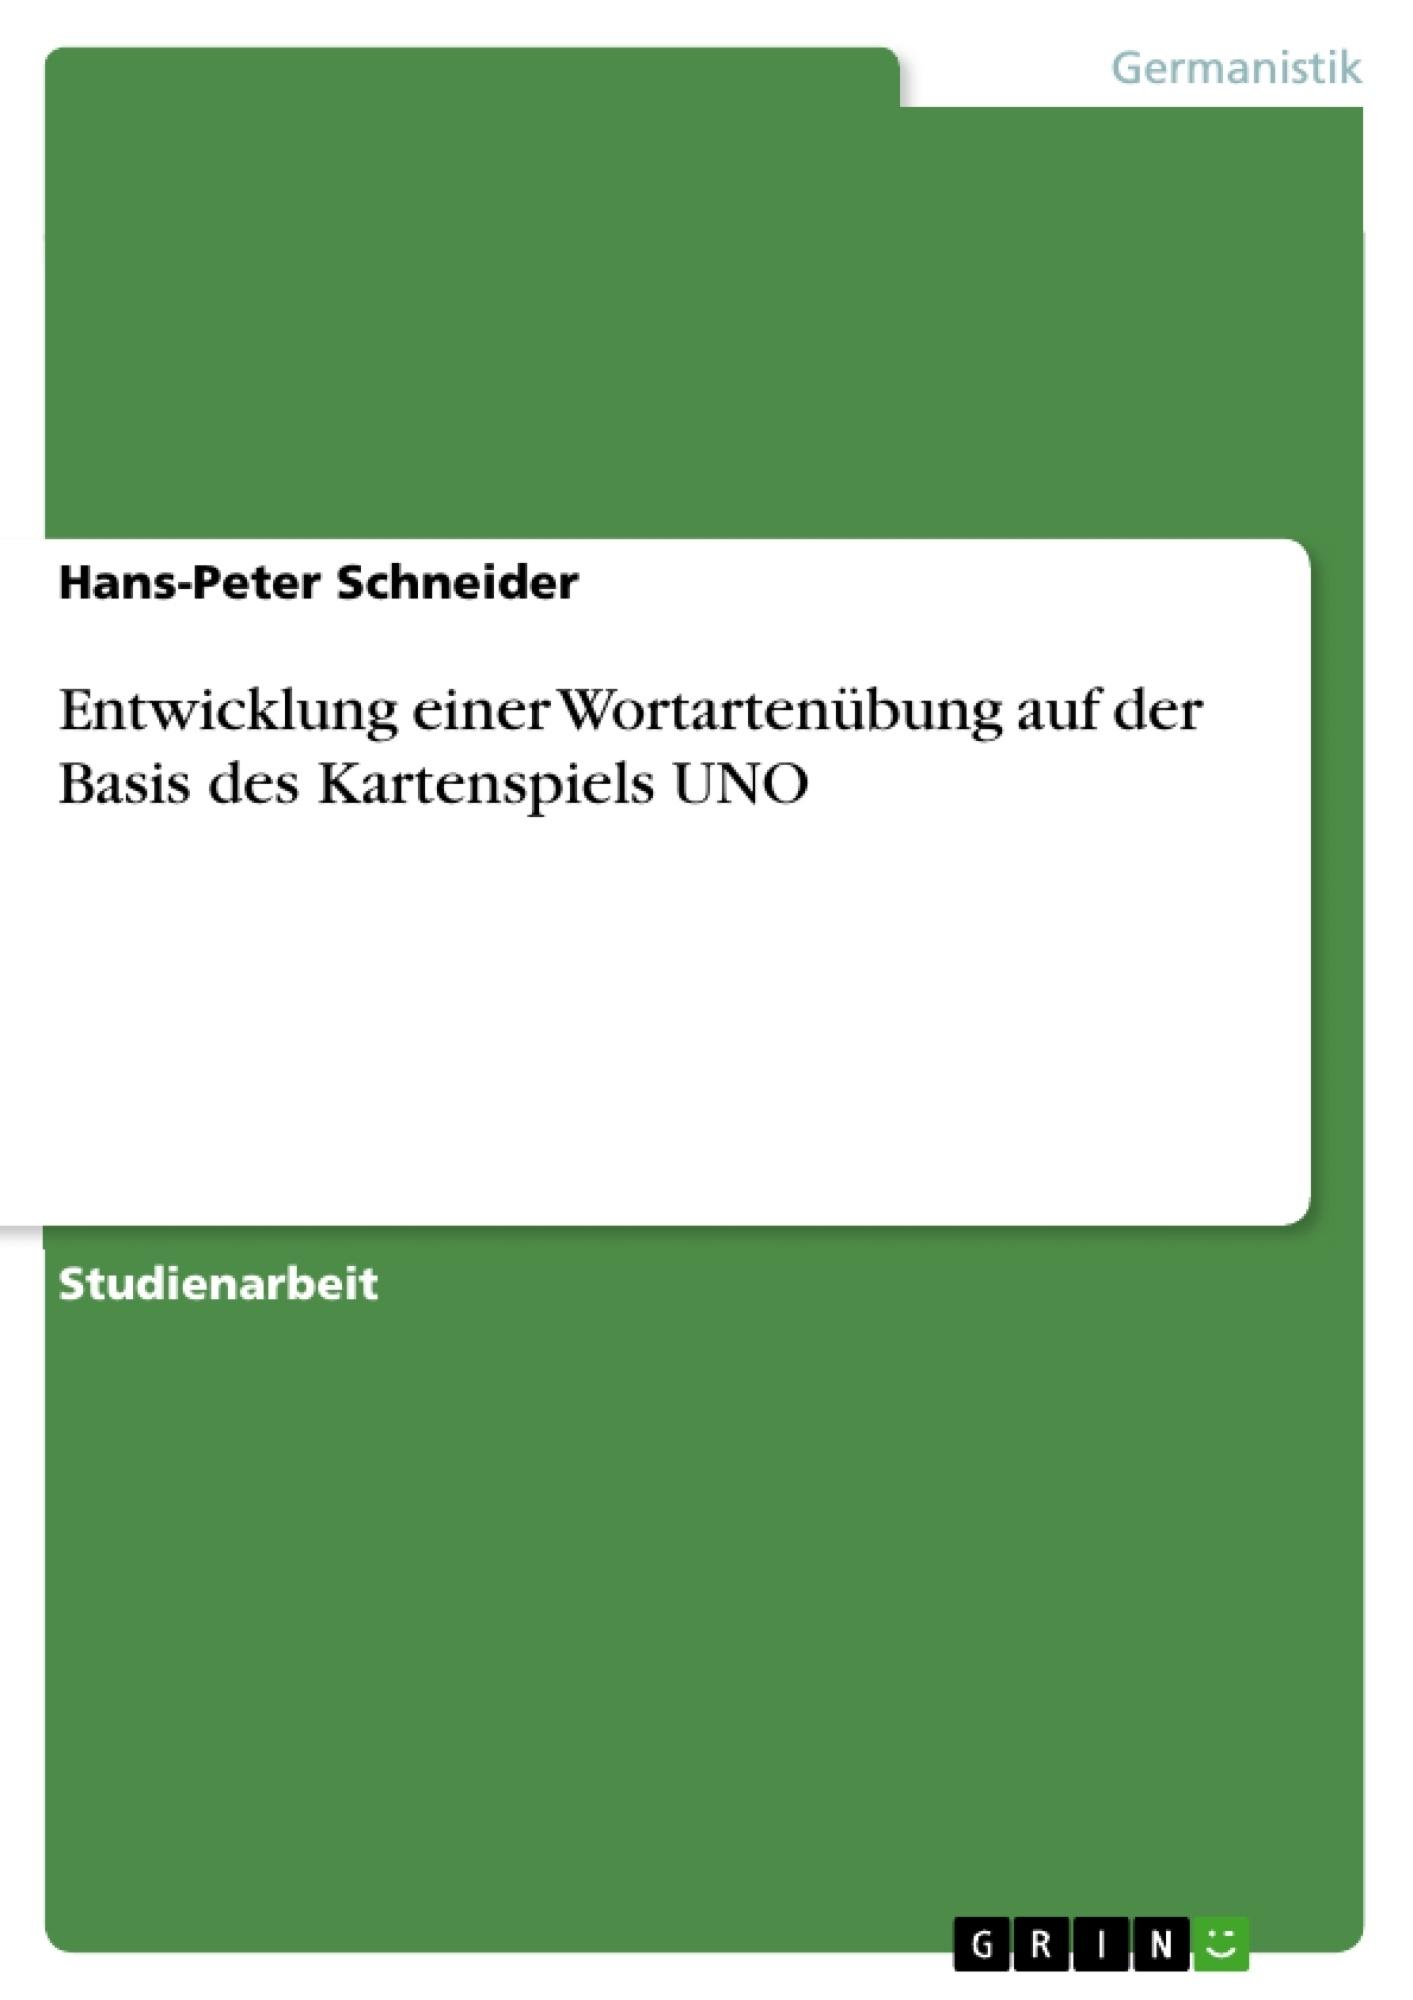 Titel: Entwicklung einer Wortartenübung auf der Basis des Kartenspiels UNO